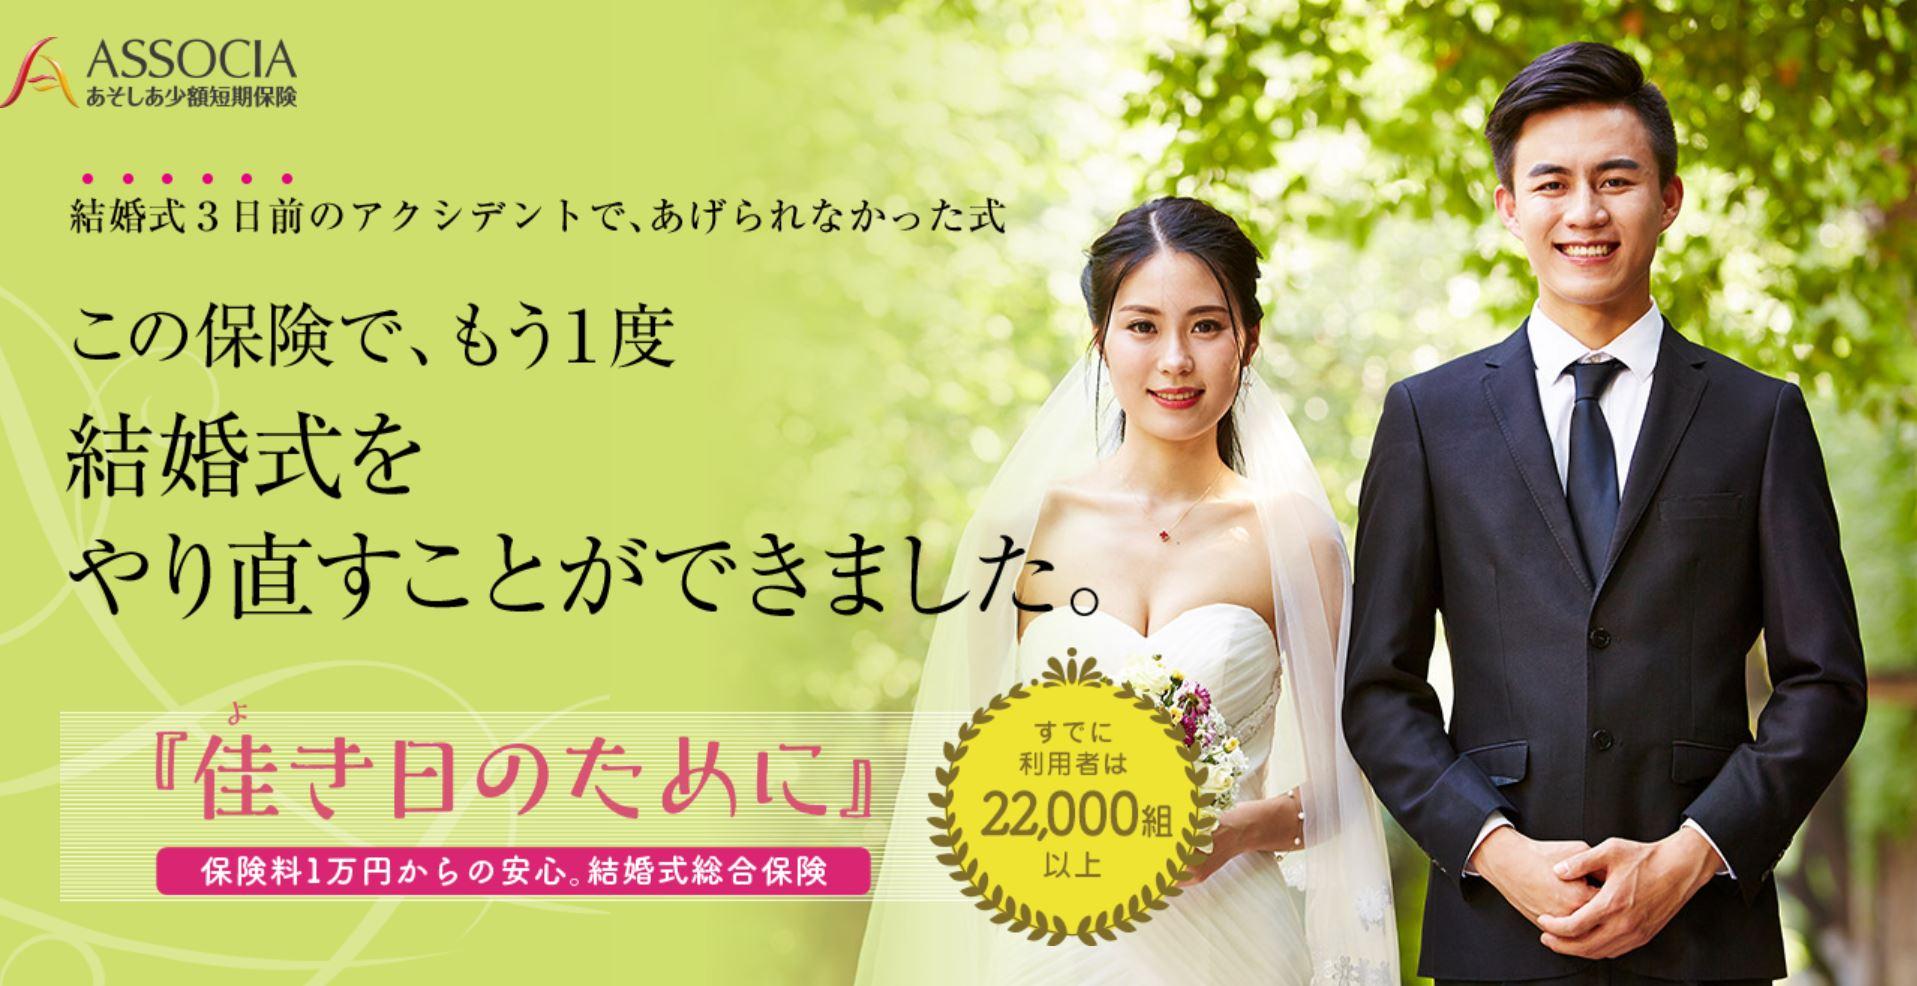 結婚式総合保険『佳き日のために』